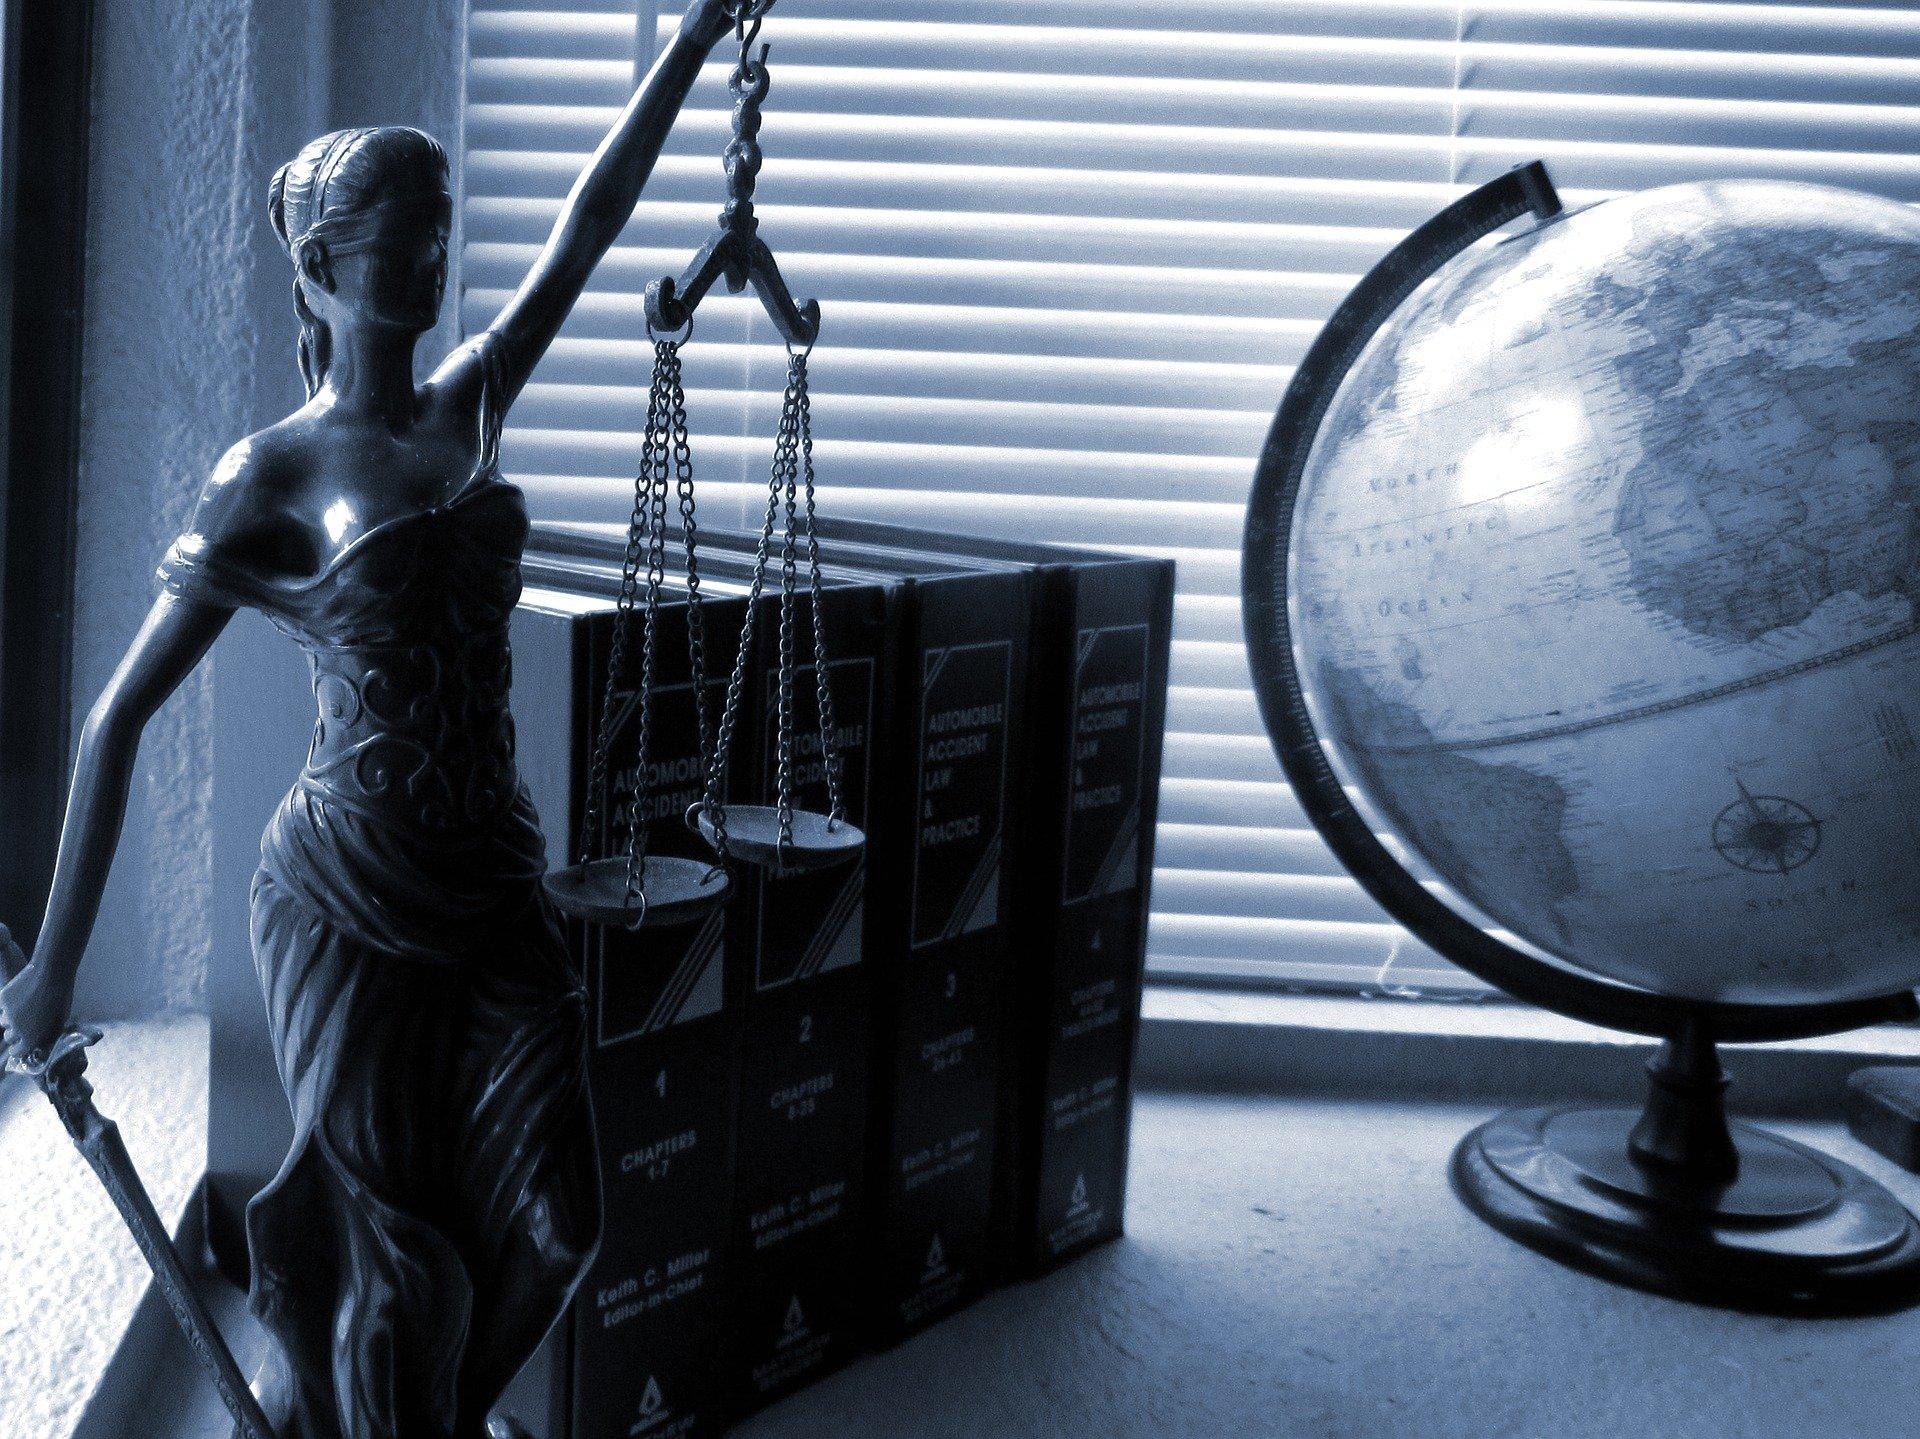 Responsabilità professionale dell'avvocato: l'onere probatorio incombe sul cliente danneggiato.